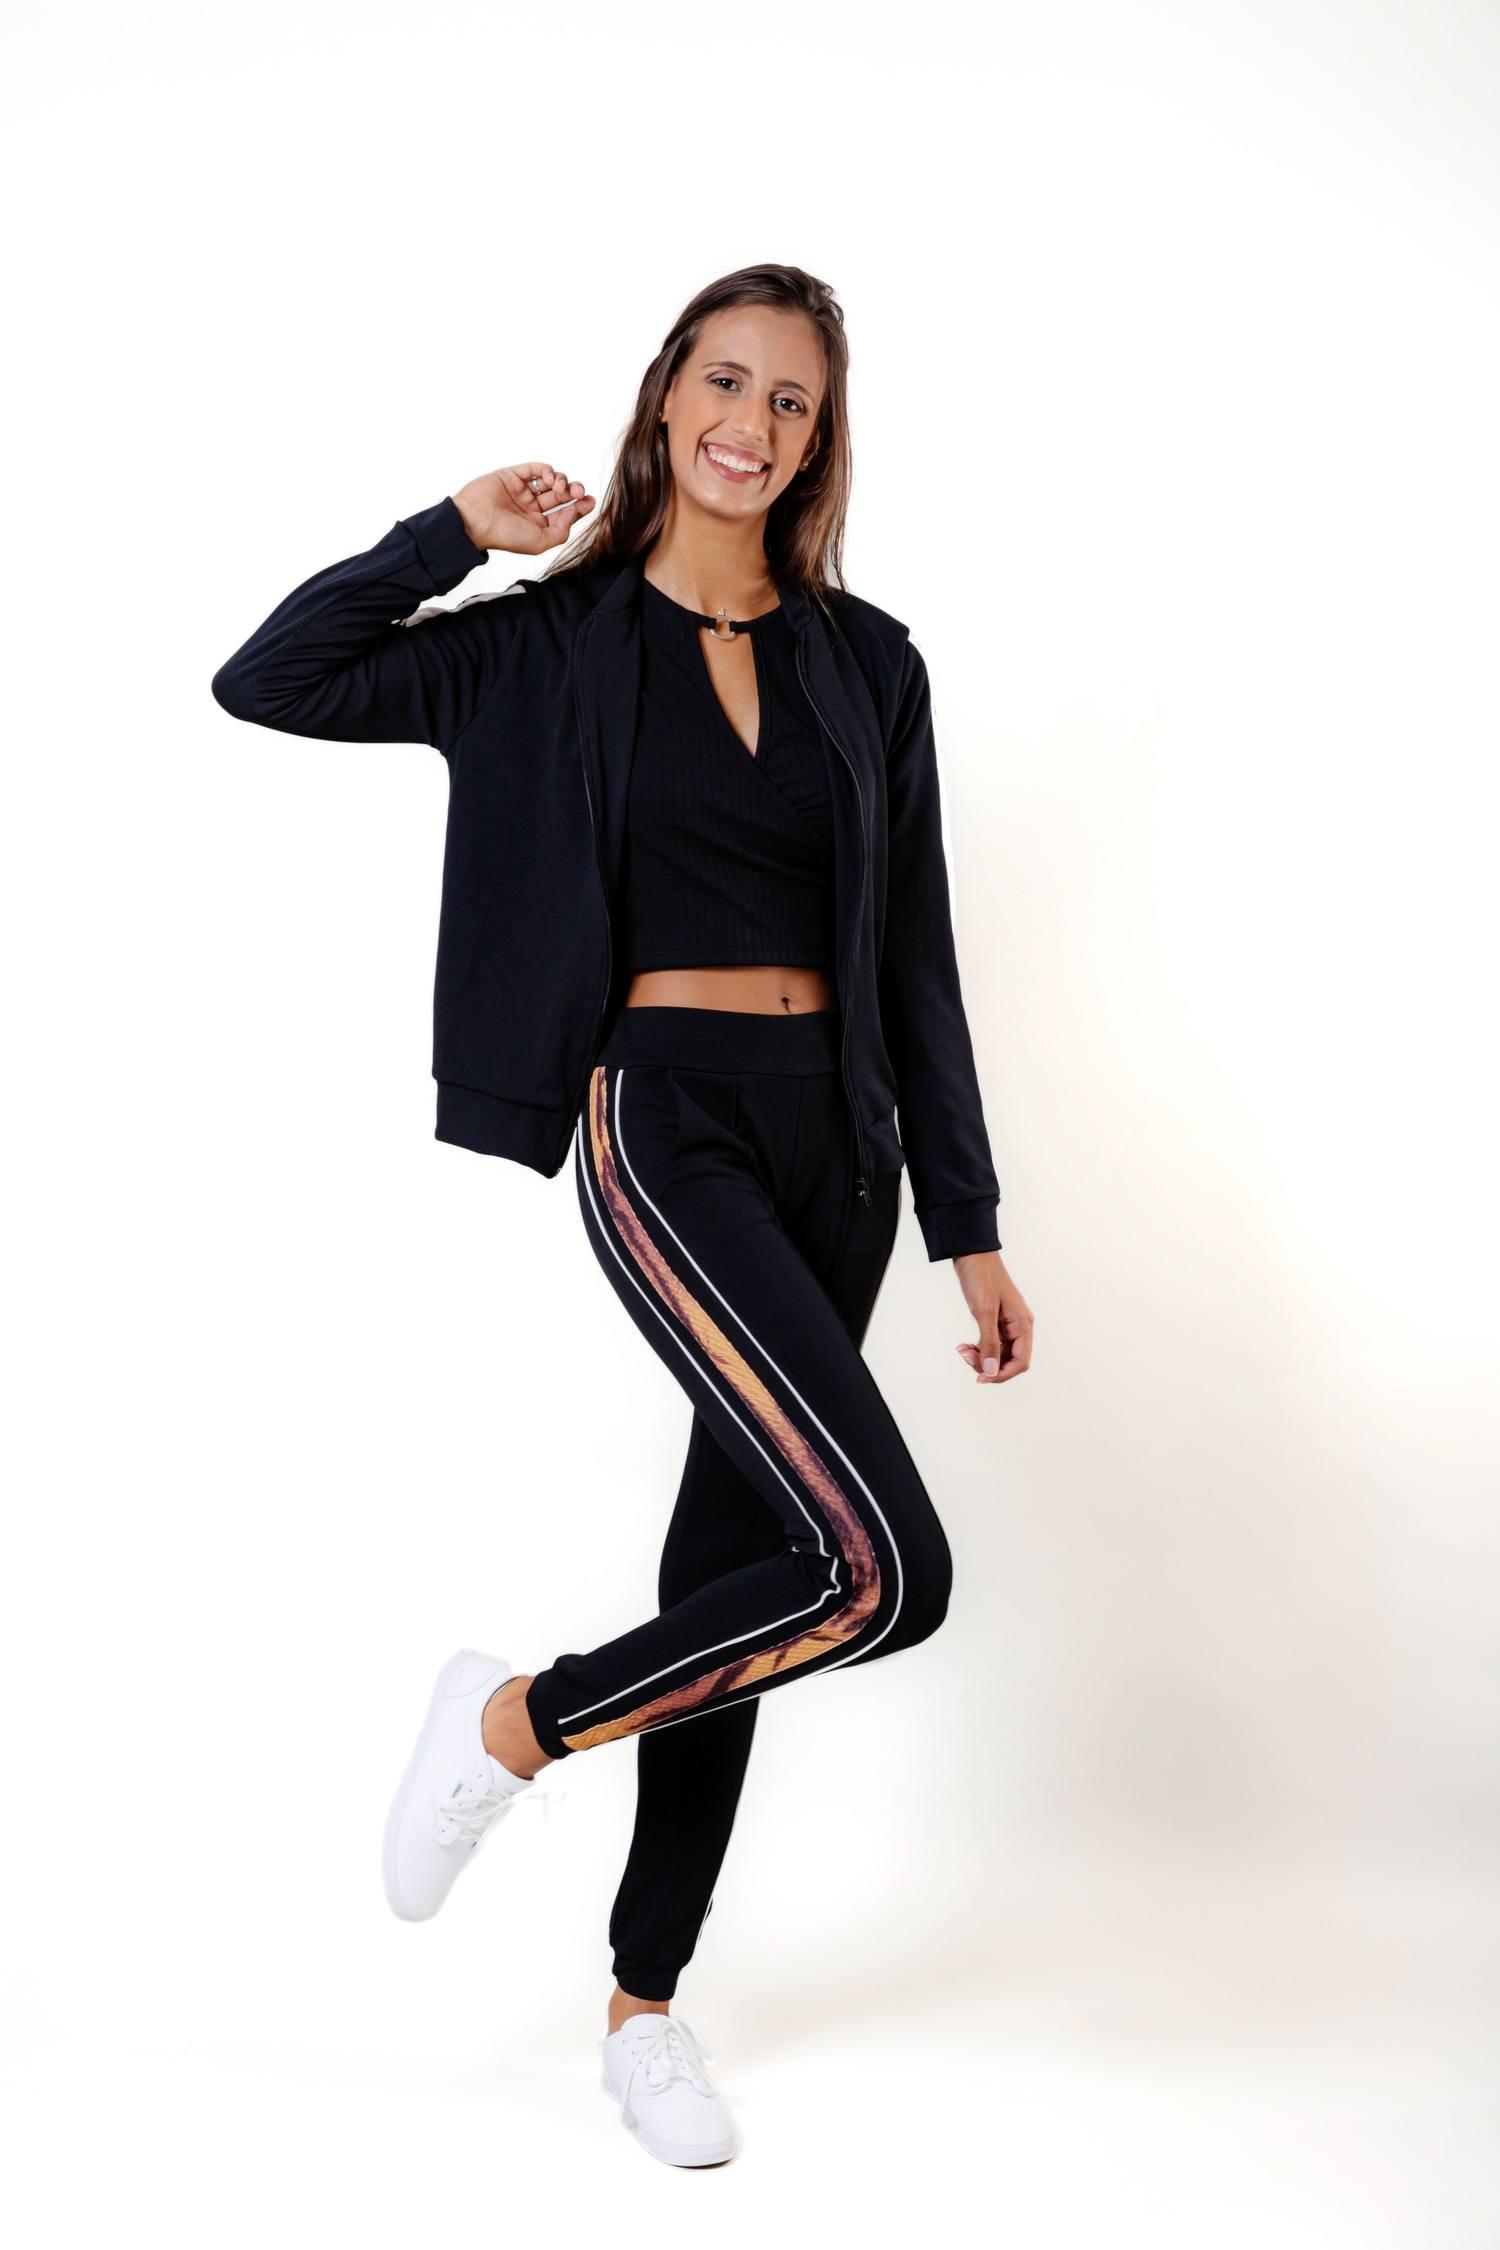 Calça Jogger Feminina - Leona Ref. 3461